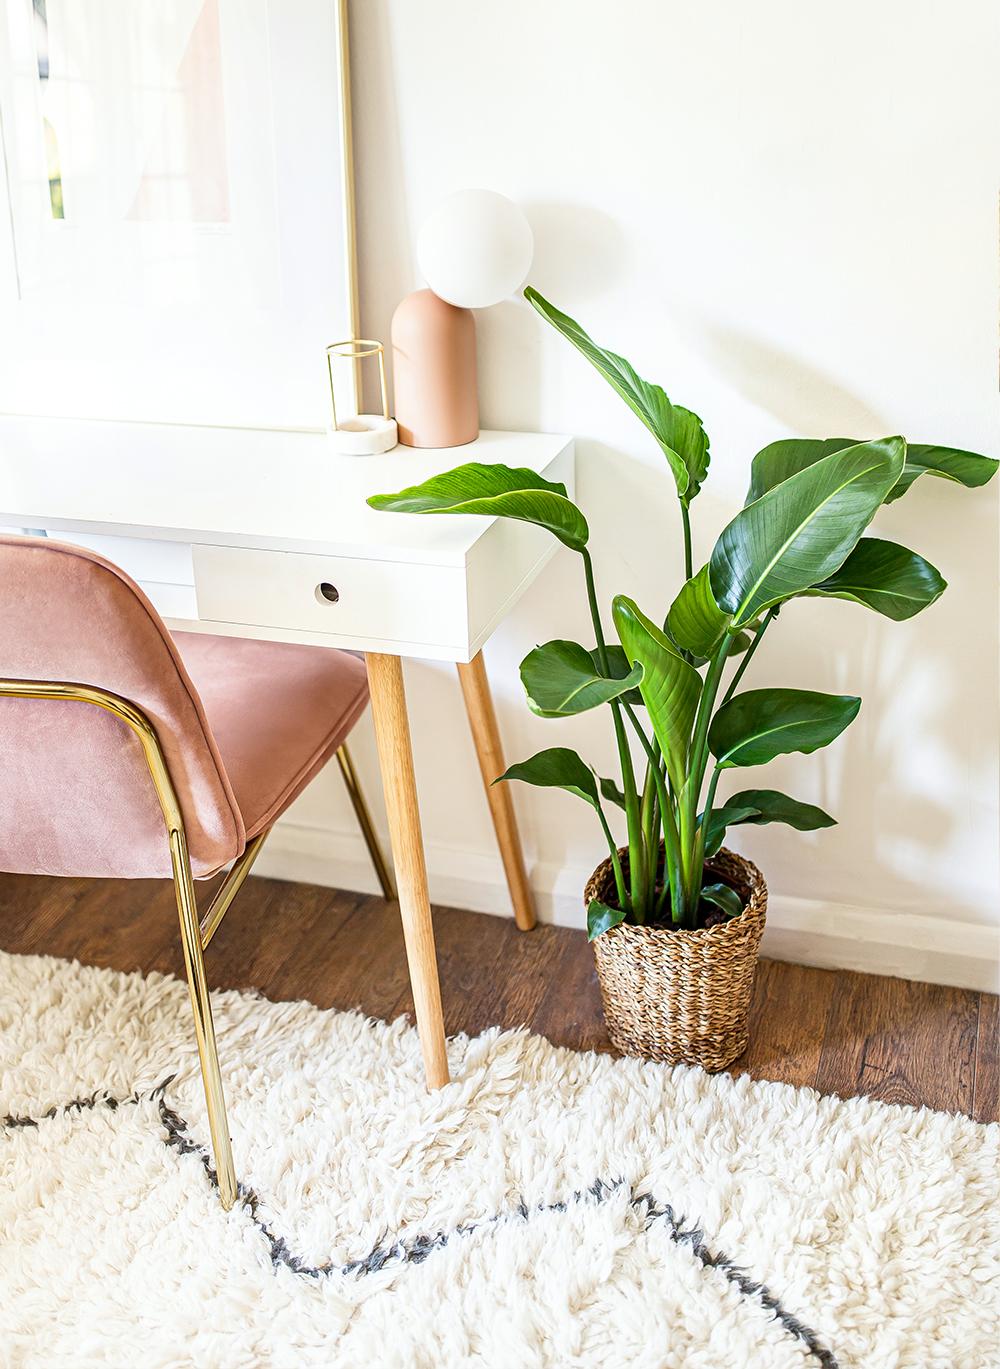 Bird-of-Paradise-Strelitzia-reginae-scandens-kelseyinlondon-homewithkelsey-plant-guide-best-indoor-plants